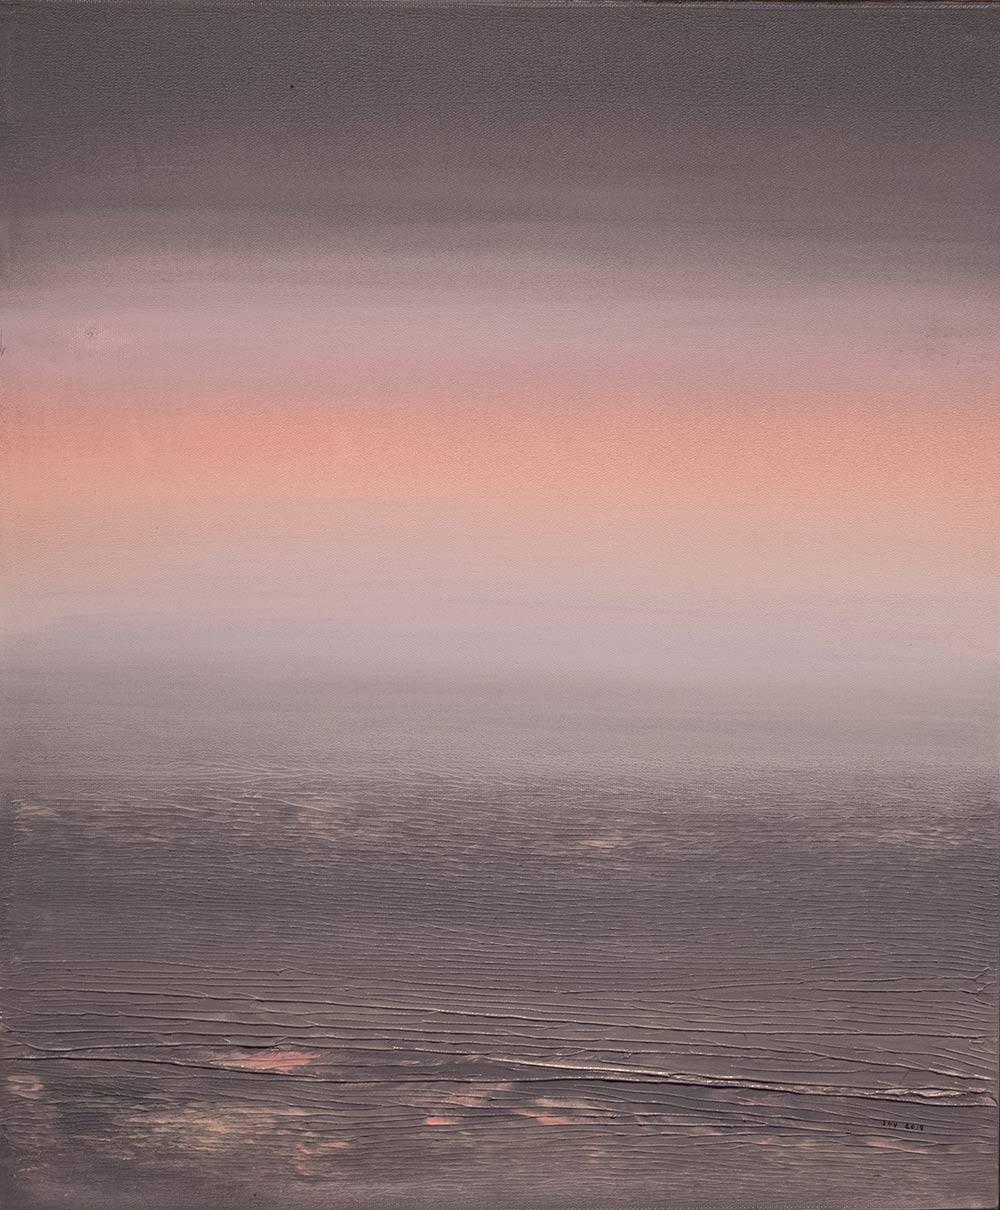 David-Joy-Seascapes-D19-013-32